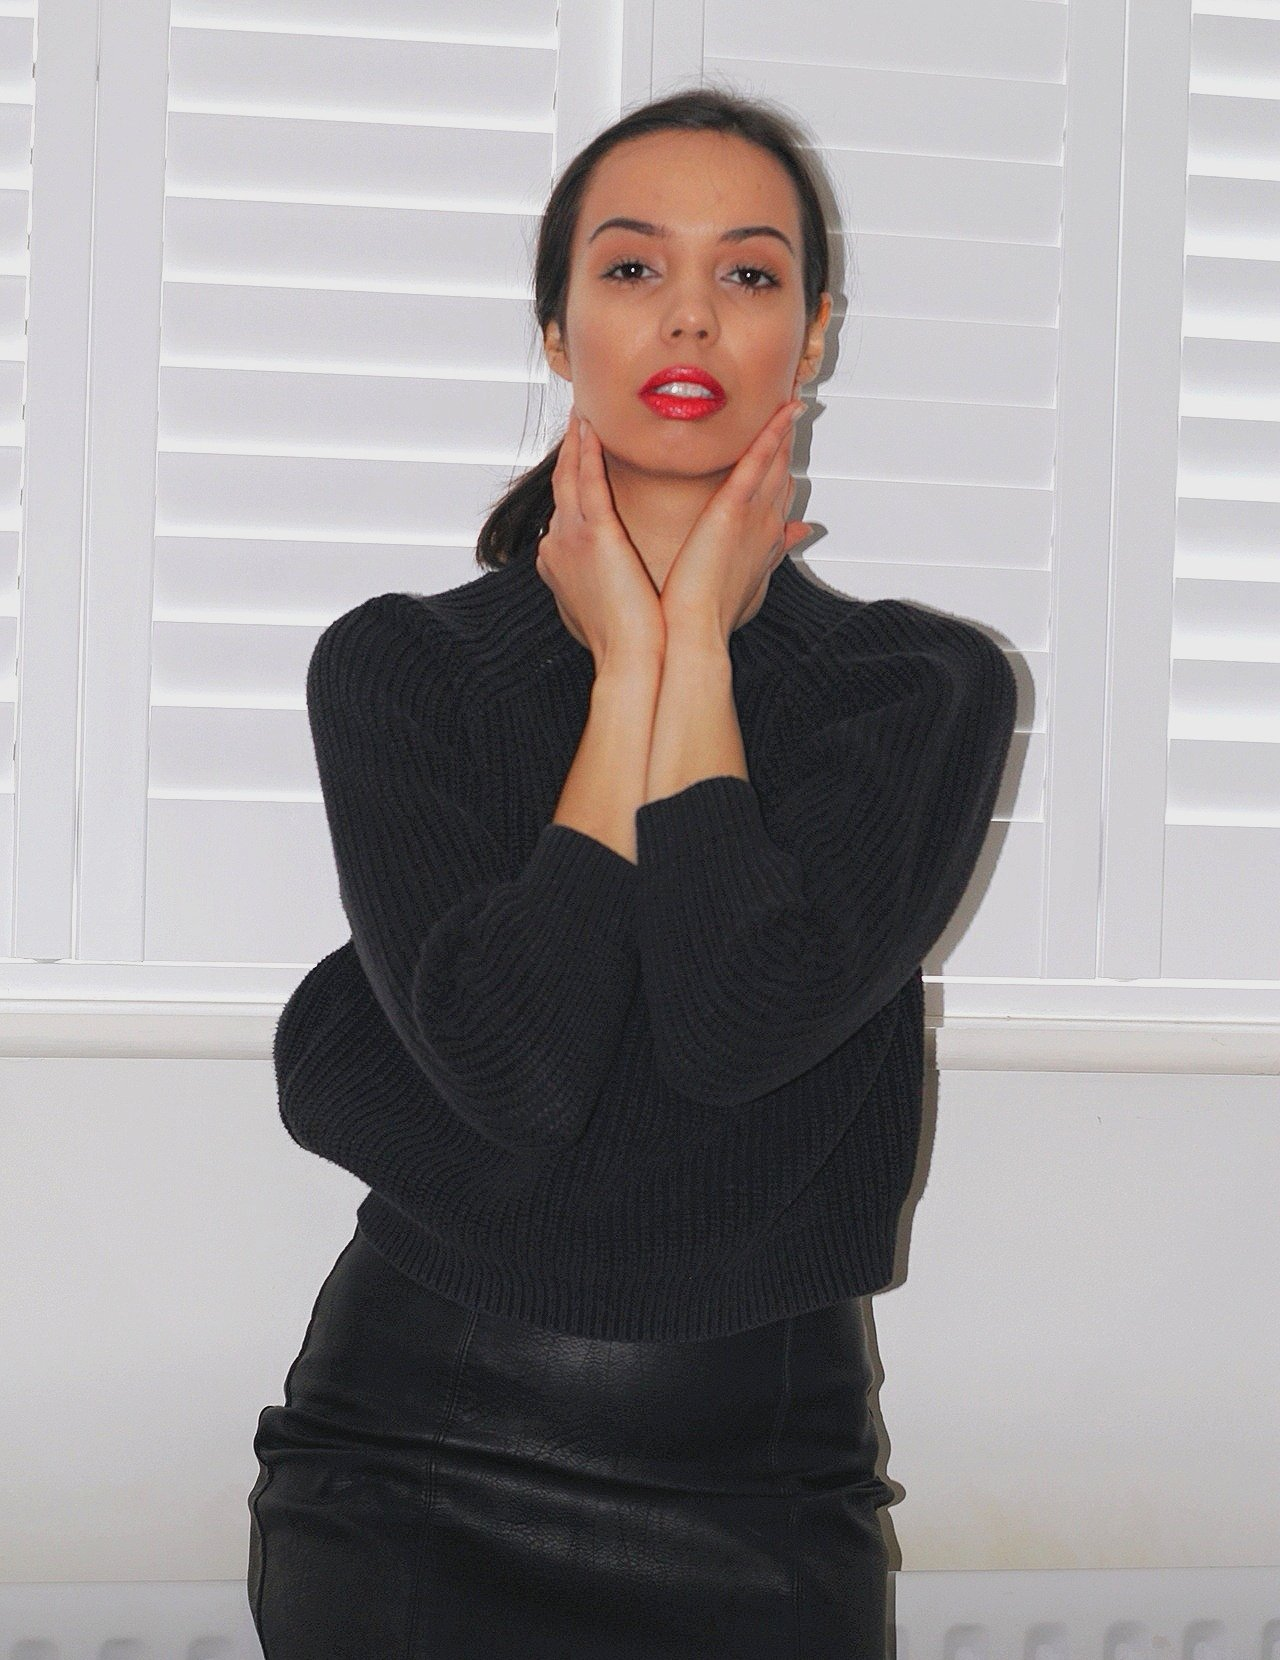 nice guys finish last -women's lifestyle blog UK - The Style of Laura Jane